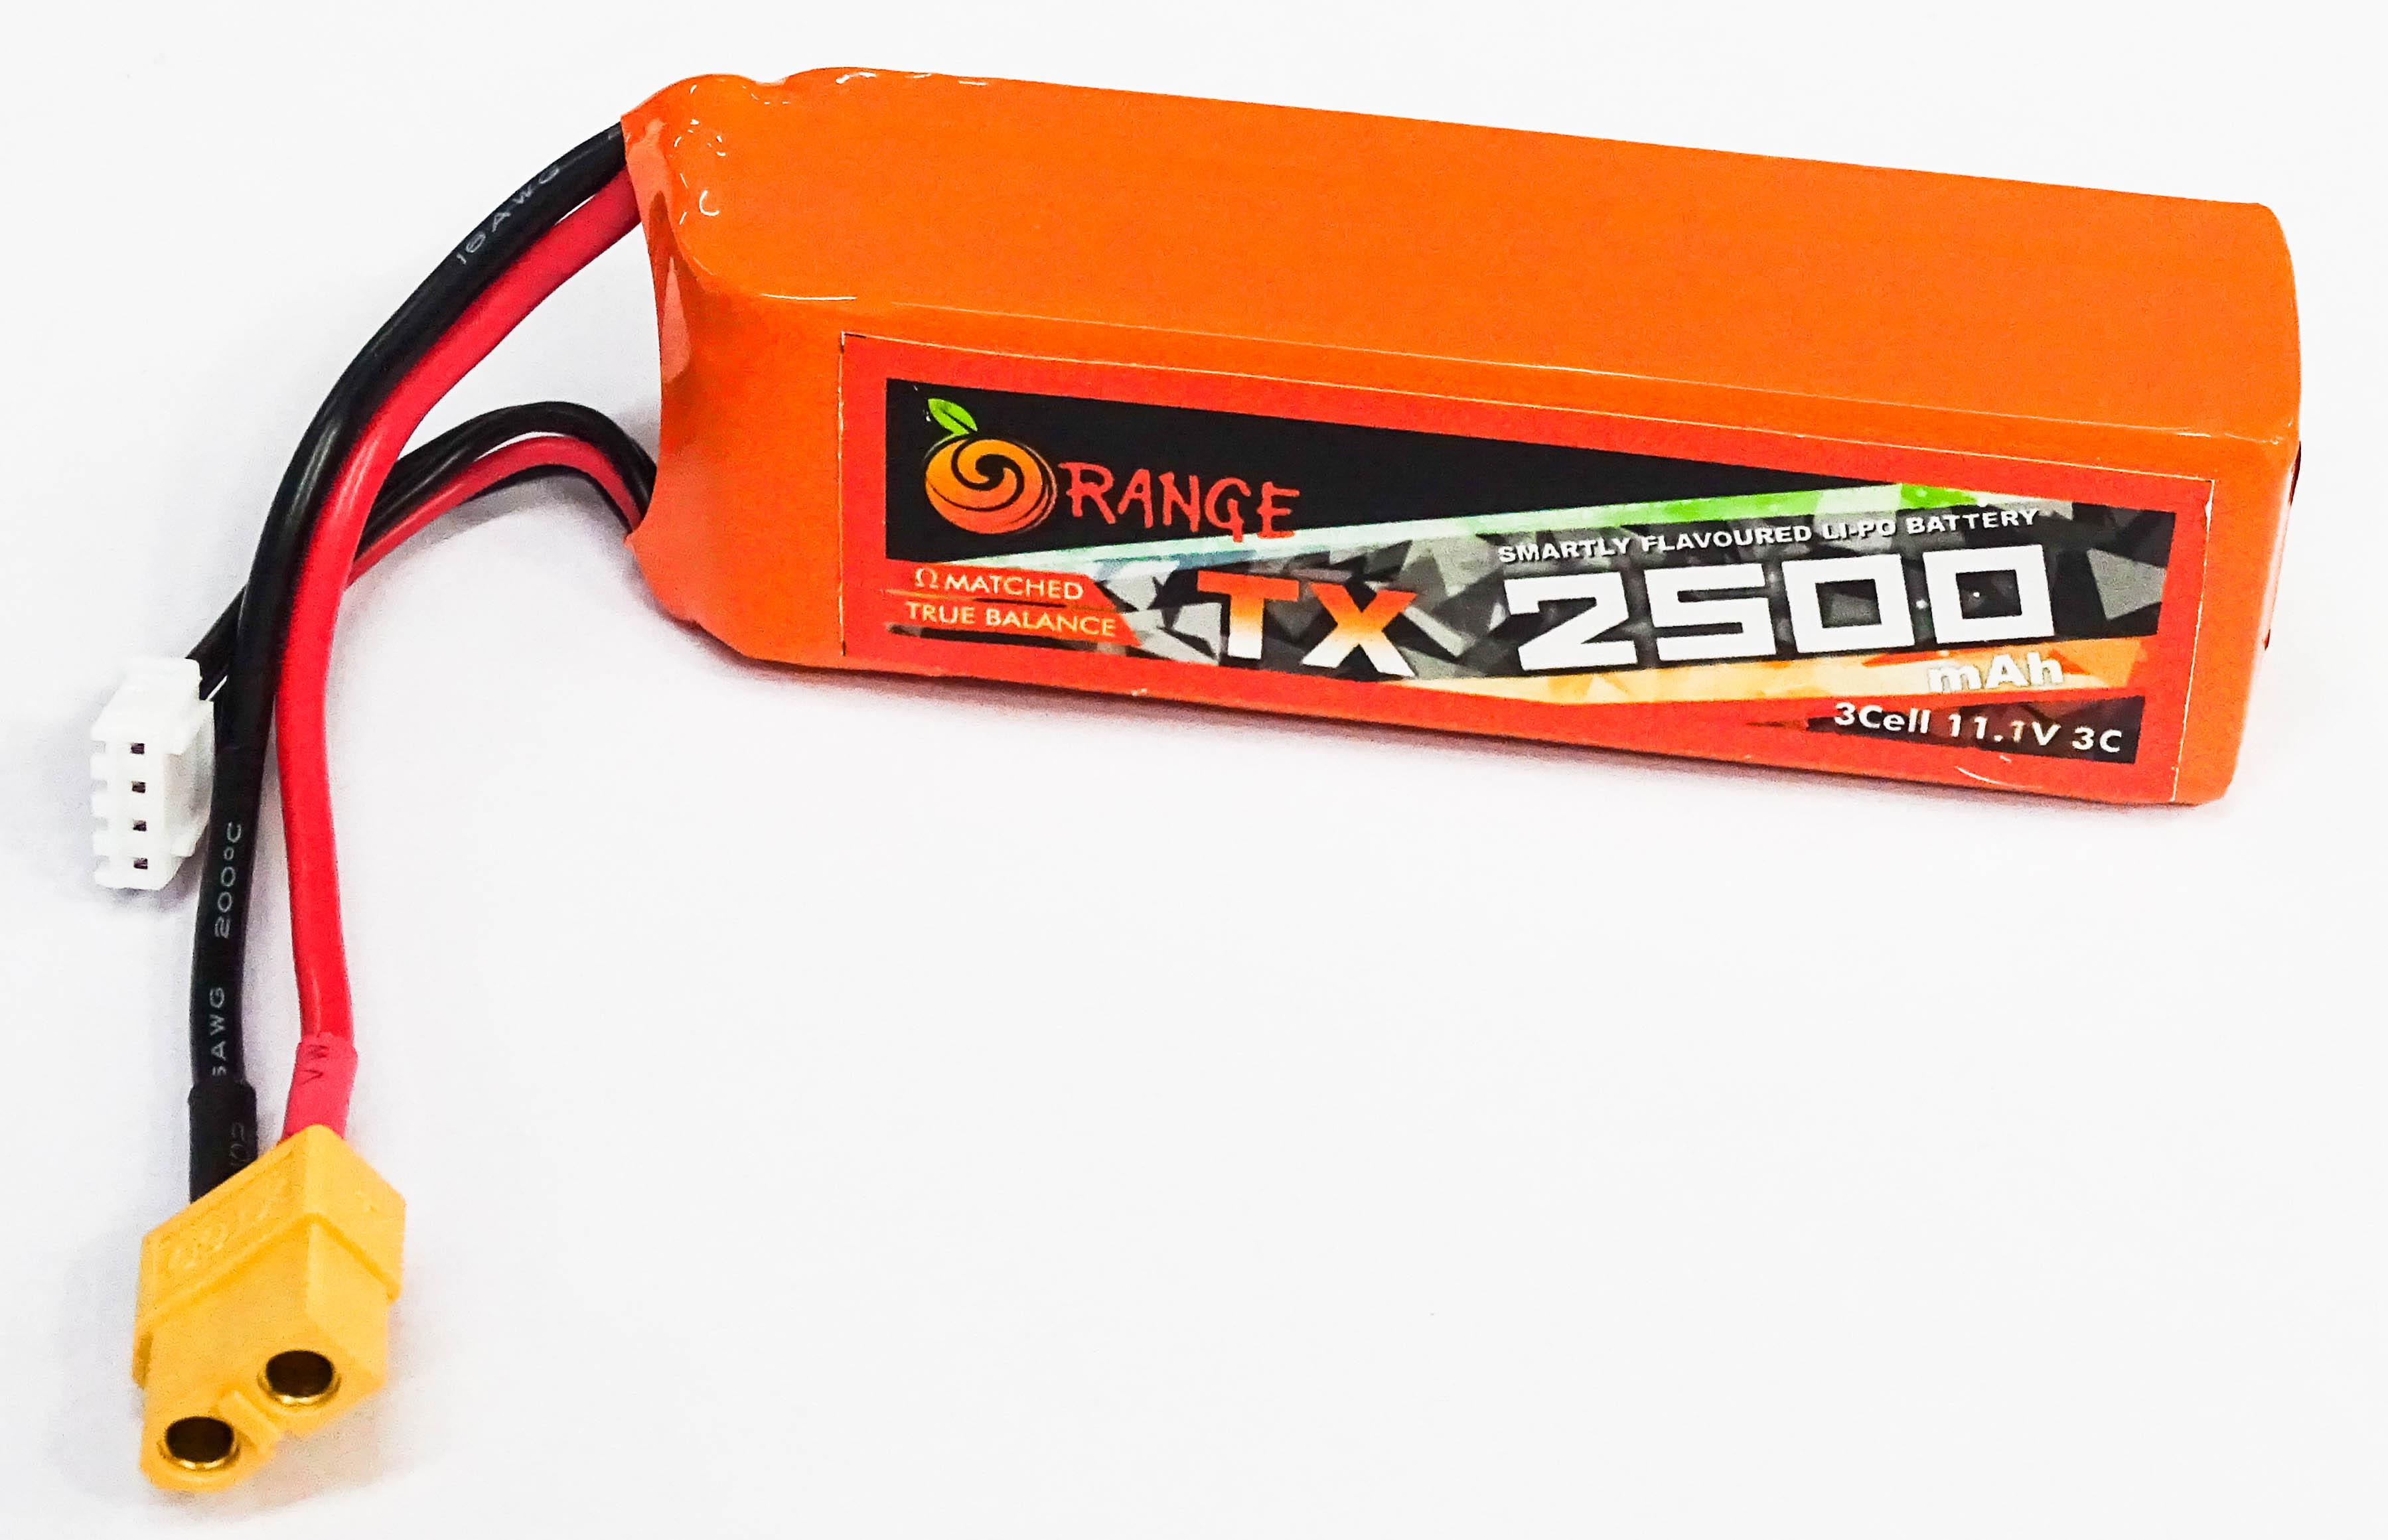 ORANGE 2500mAh 3S 3C(11.1 v)(LiPo)